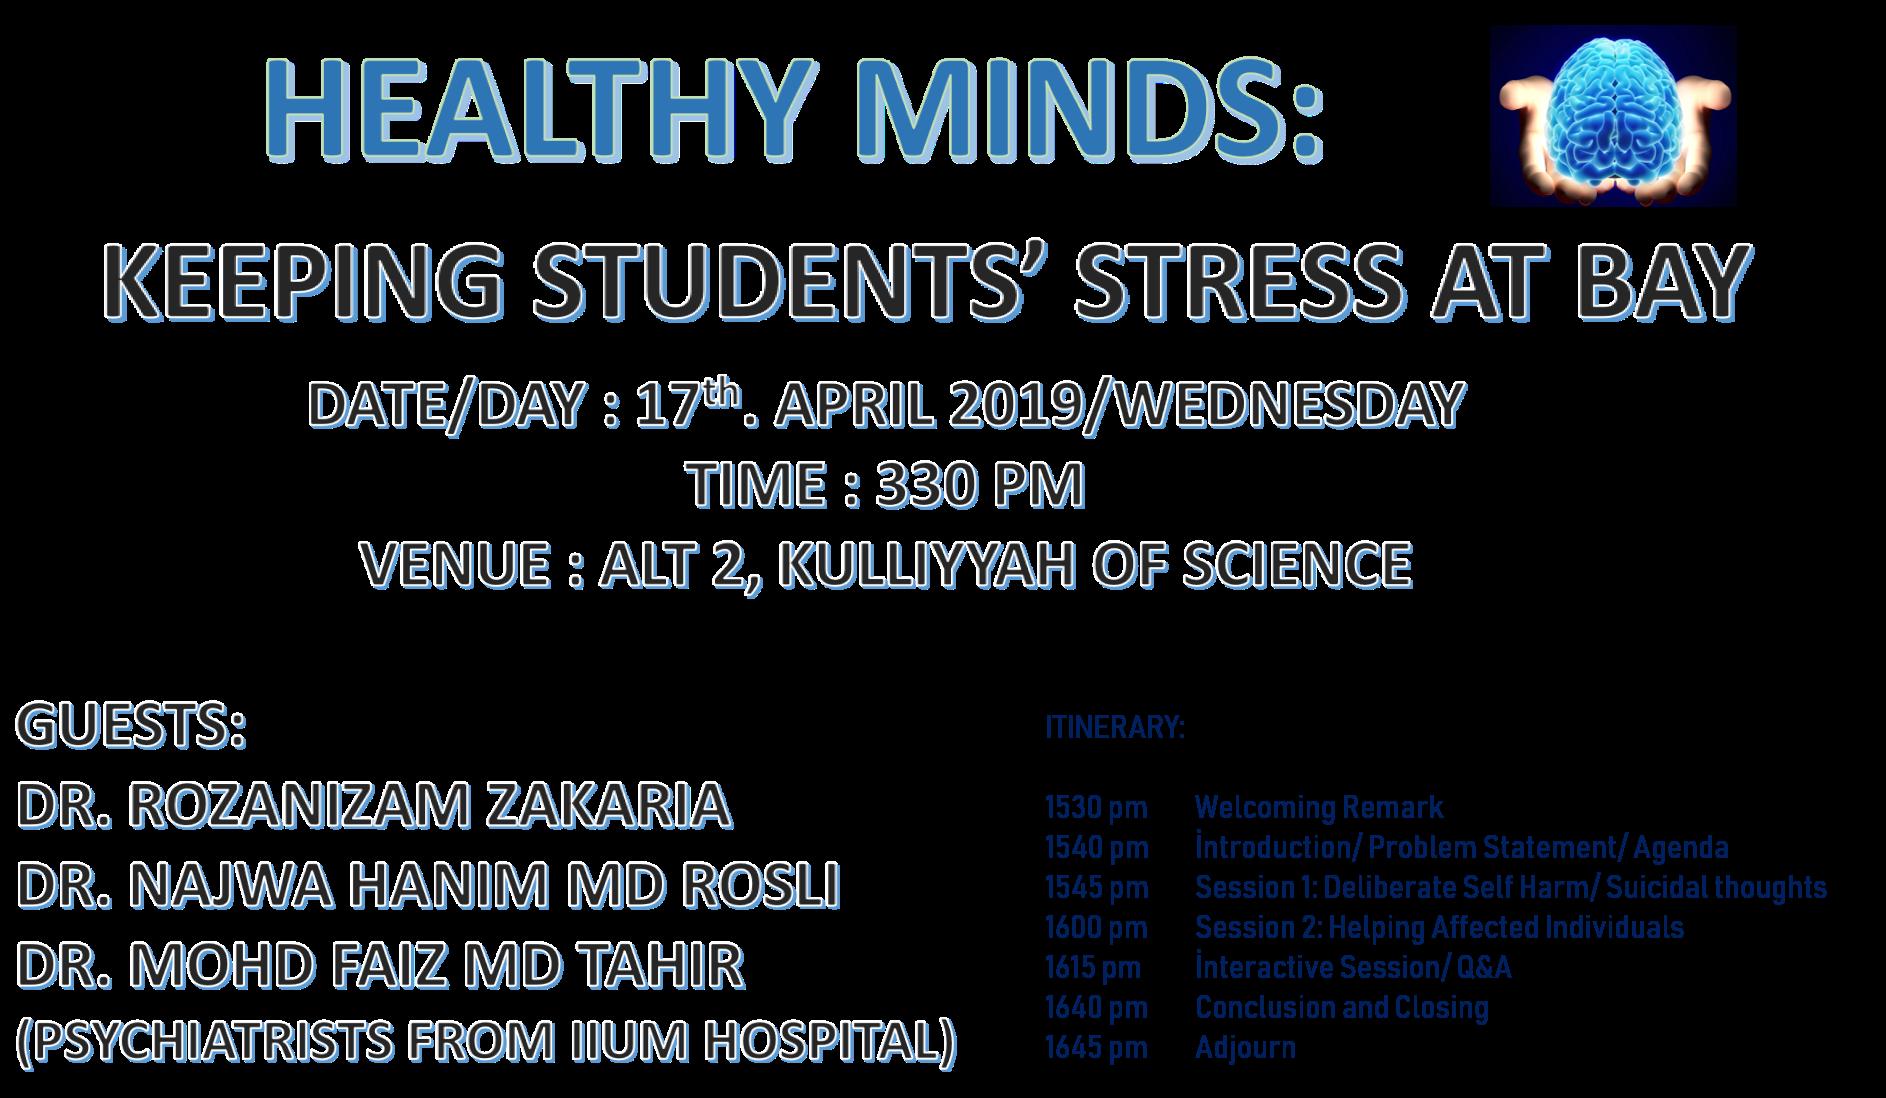 HEALTHY MINDS: KEEPING STUDENTS STRESS AT BAY